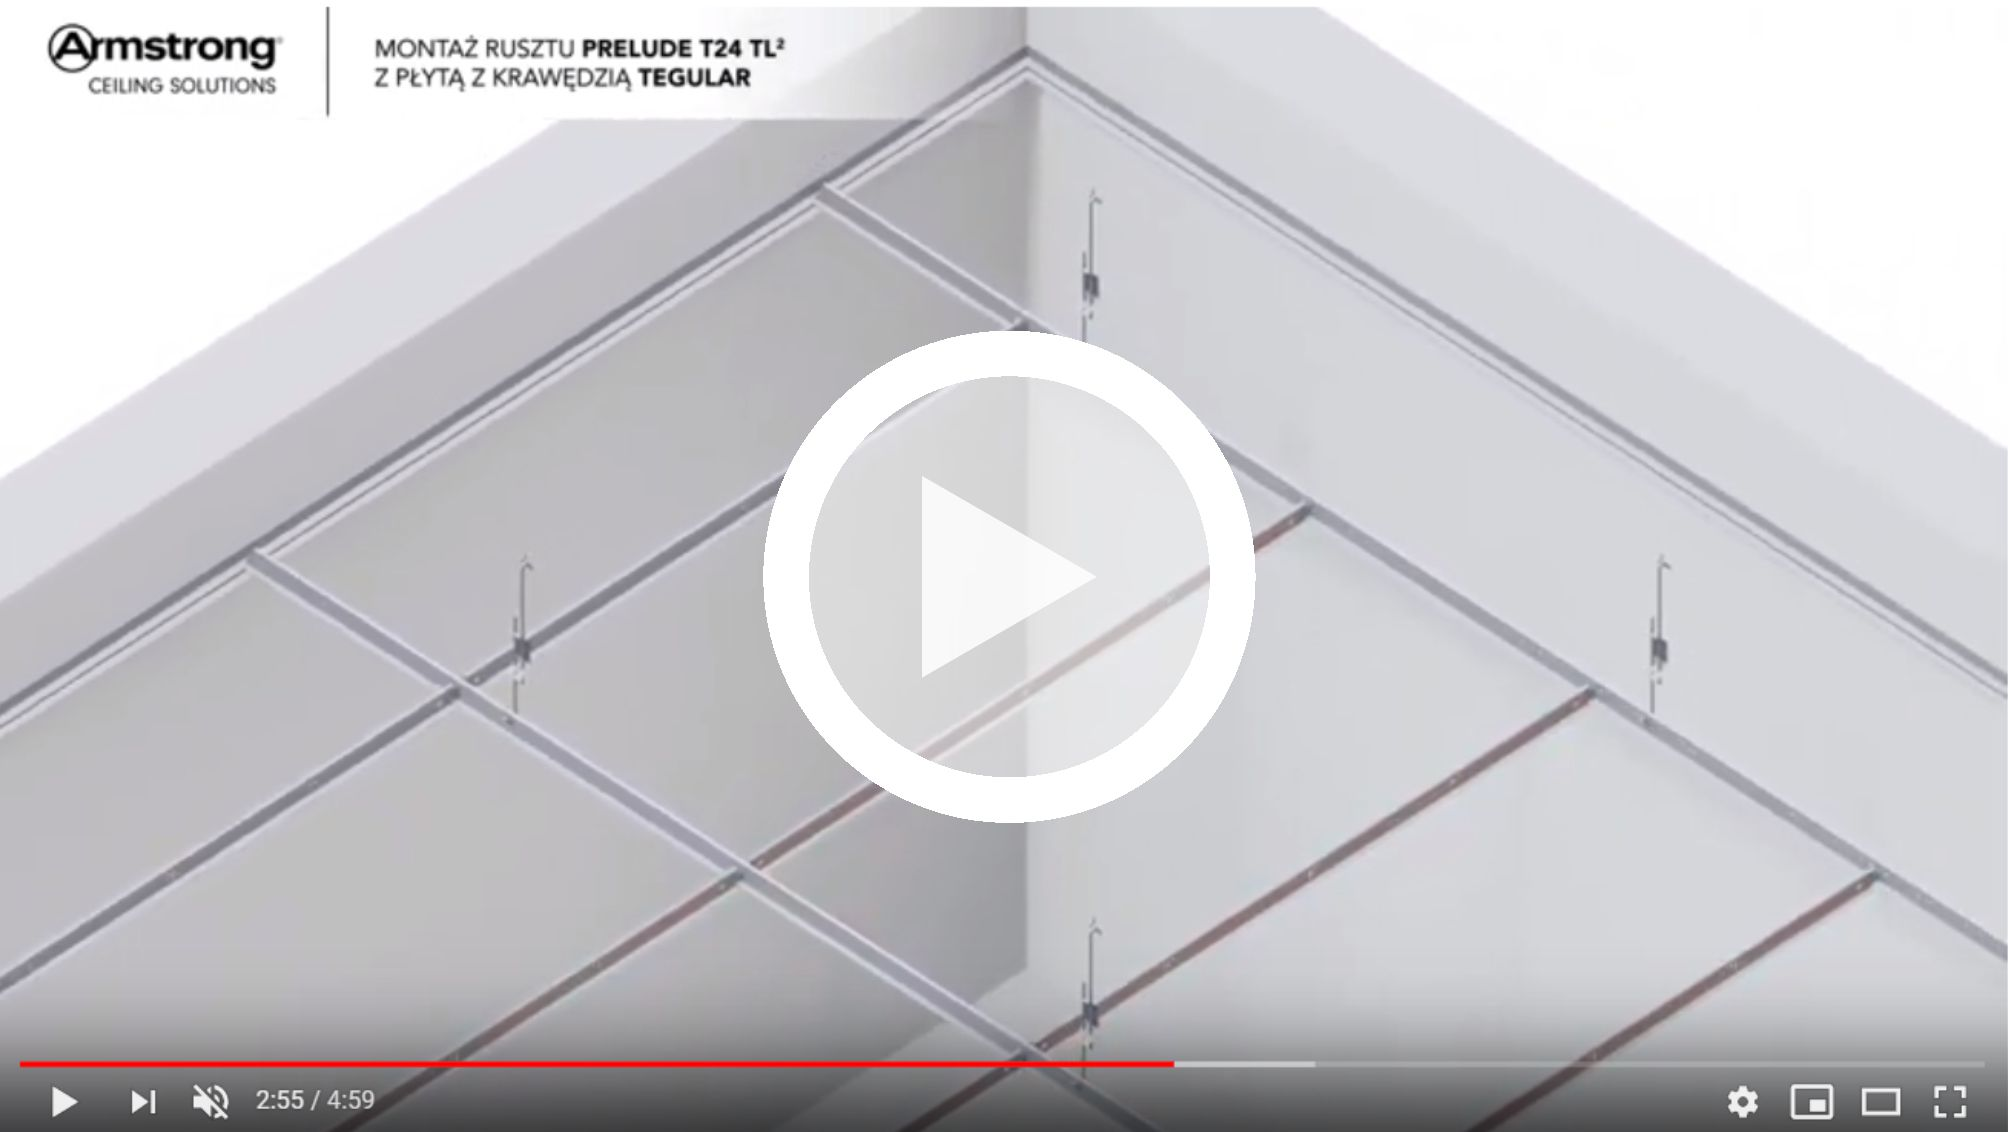 sufit-podwieszany-montaz-widoczna-konstrukcja-nosna-panele-poprzeczne-na-zaczep-armstrong